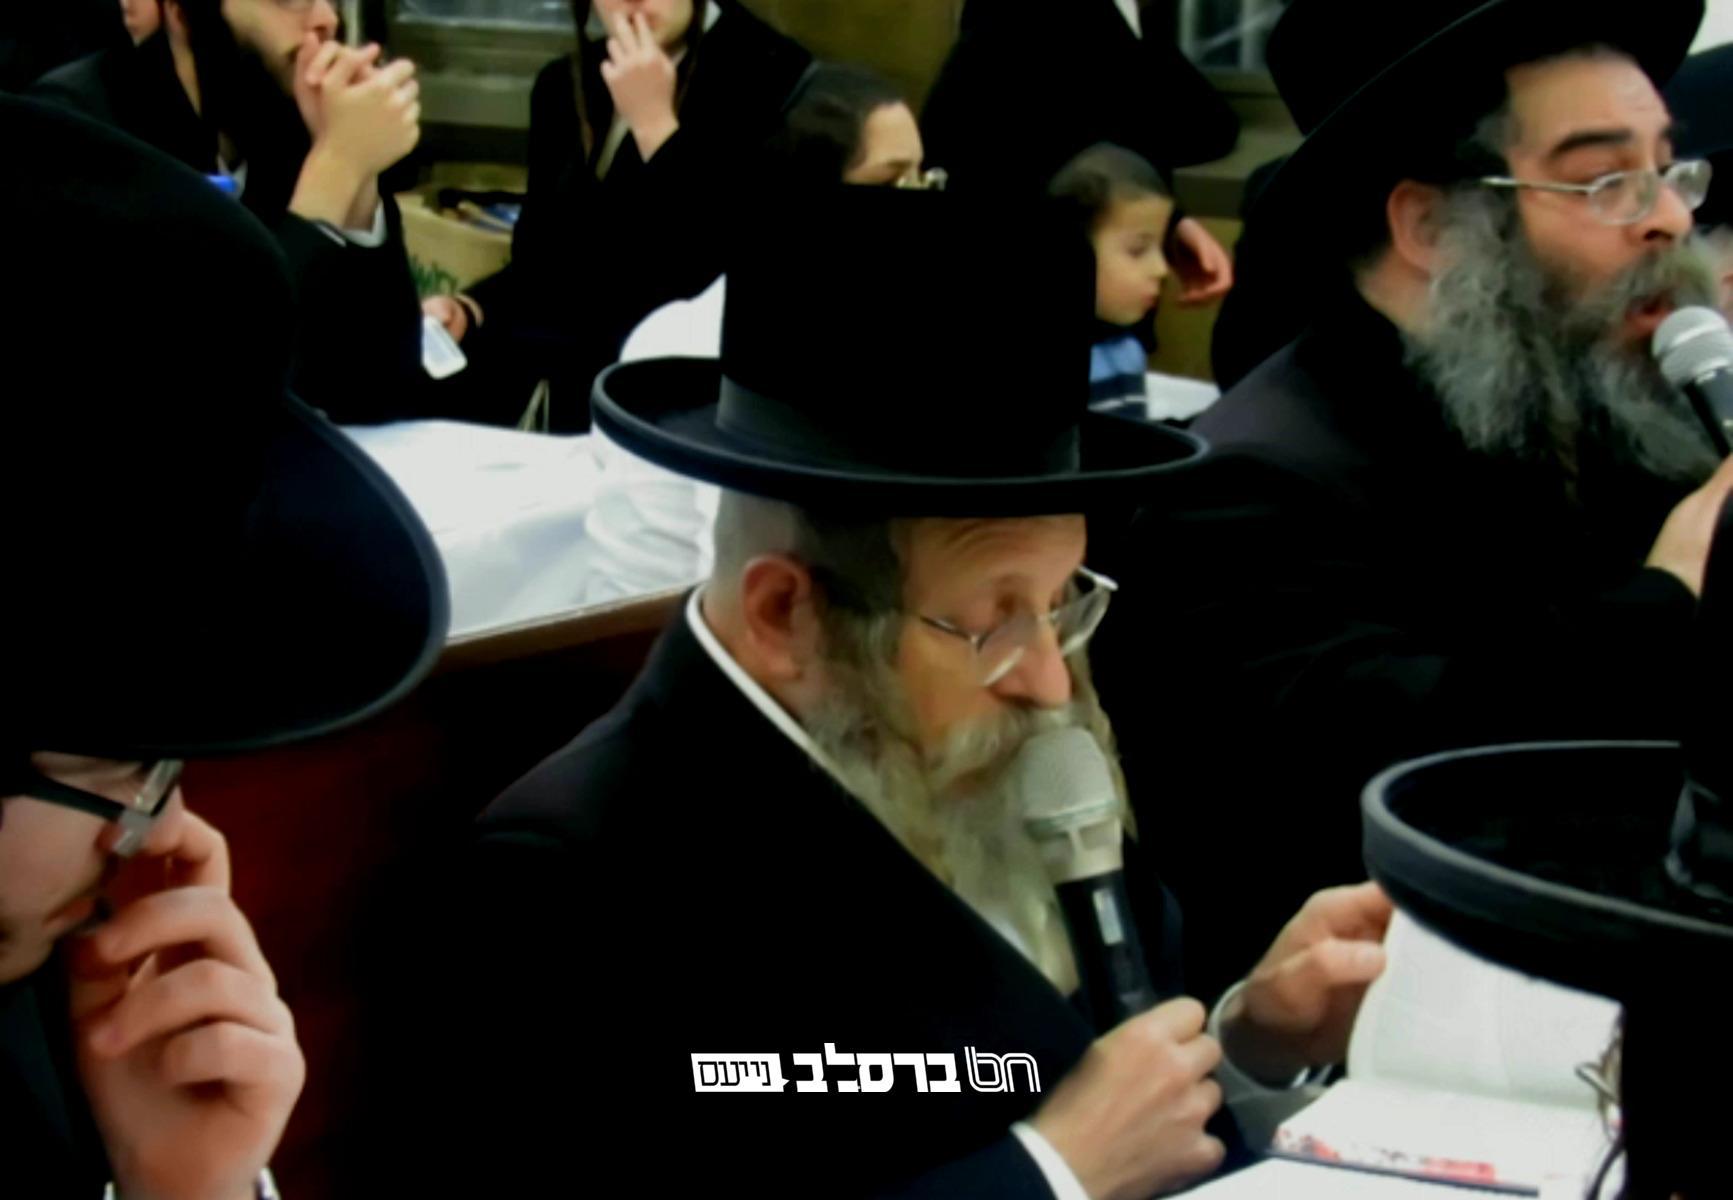 מרגש • צפו בכינוס 'זאת חנוכה' בבית הכנסת הגדול שבירושלים 'השול'